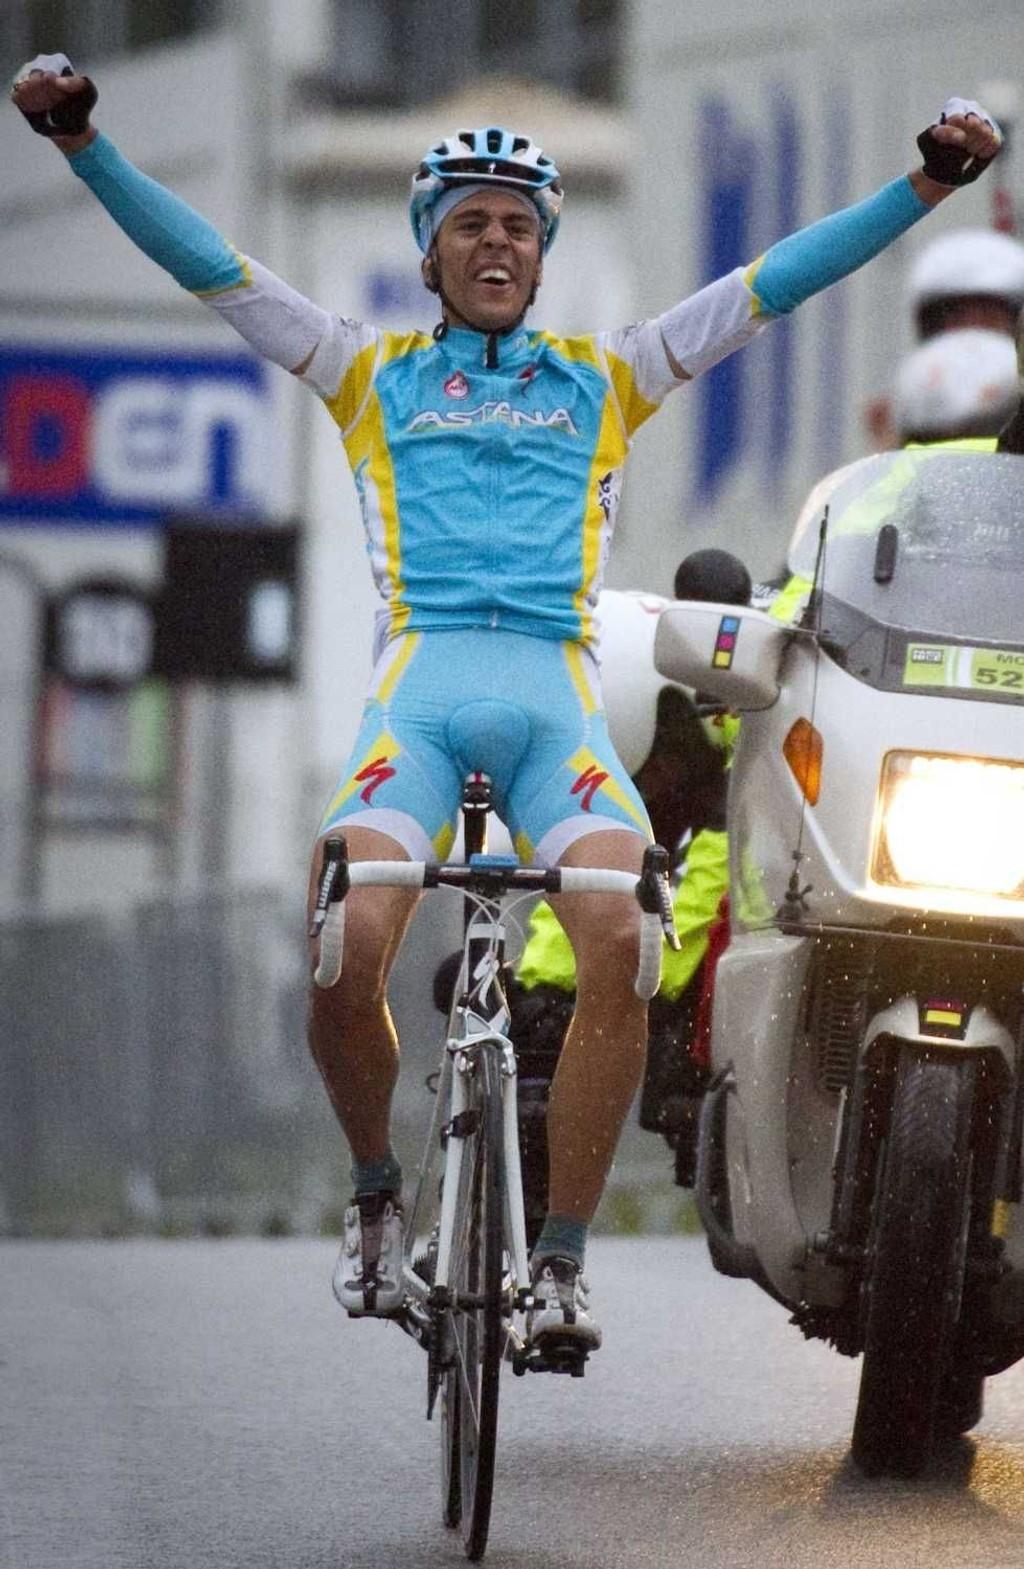 VANT: Det er lov å juble når man vinner en etappe i Paris-Nice.